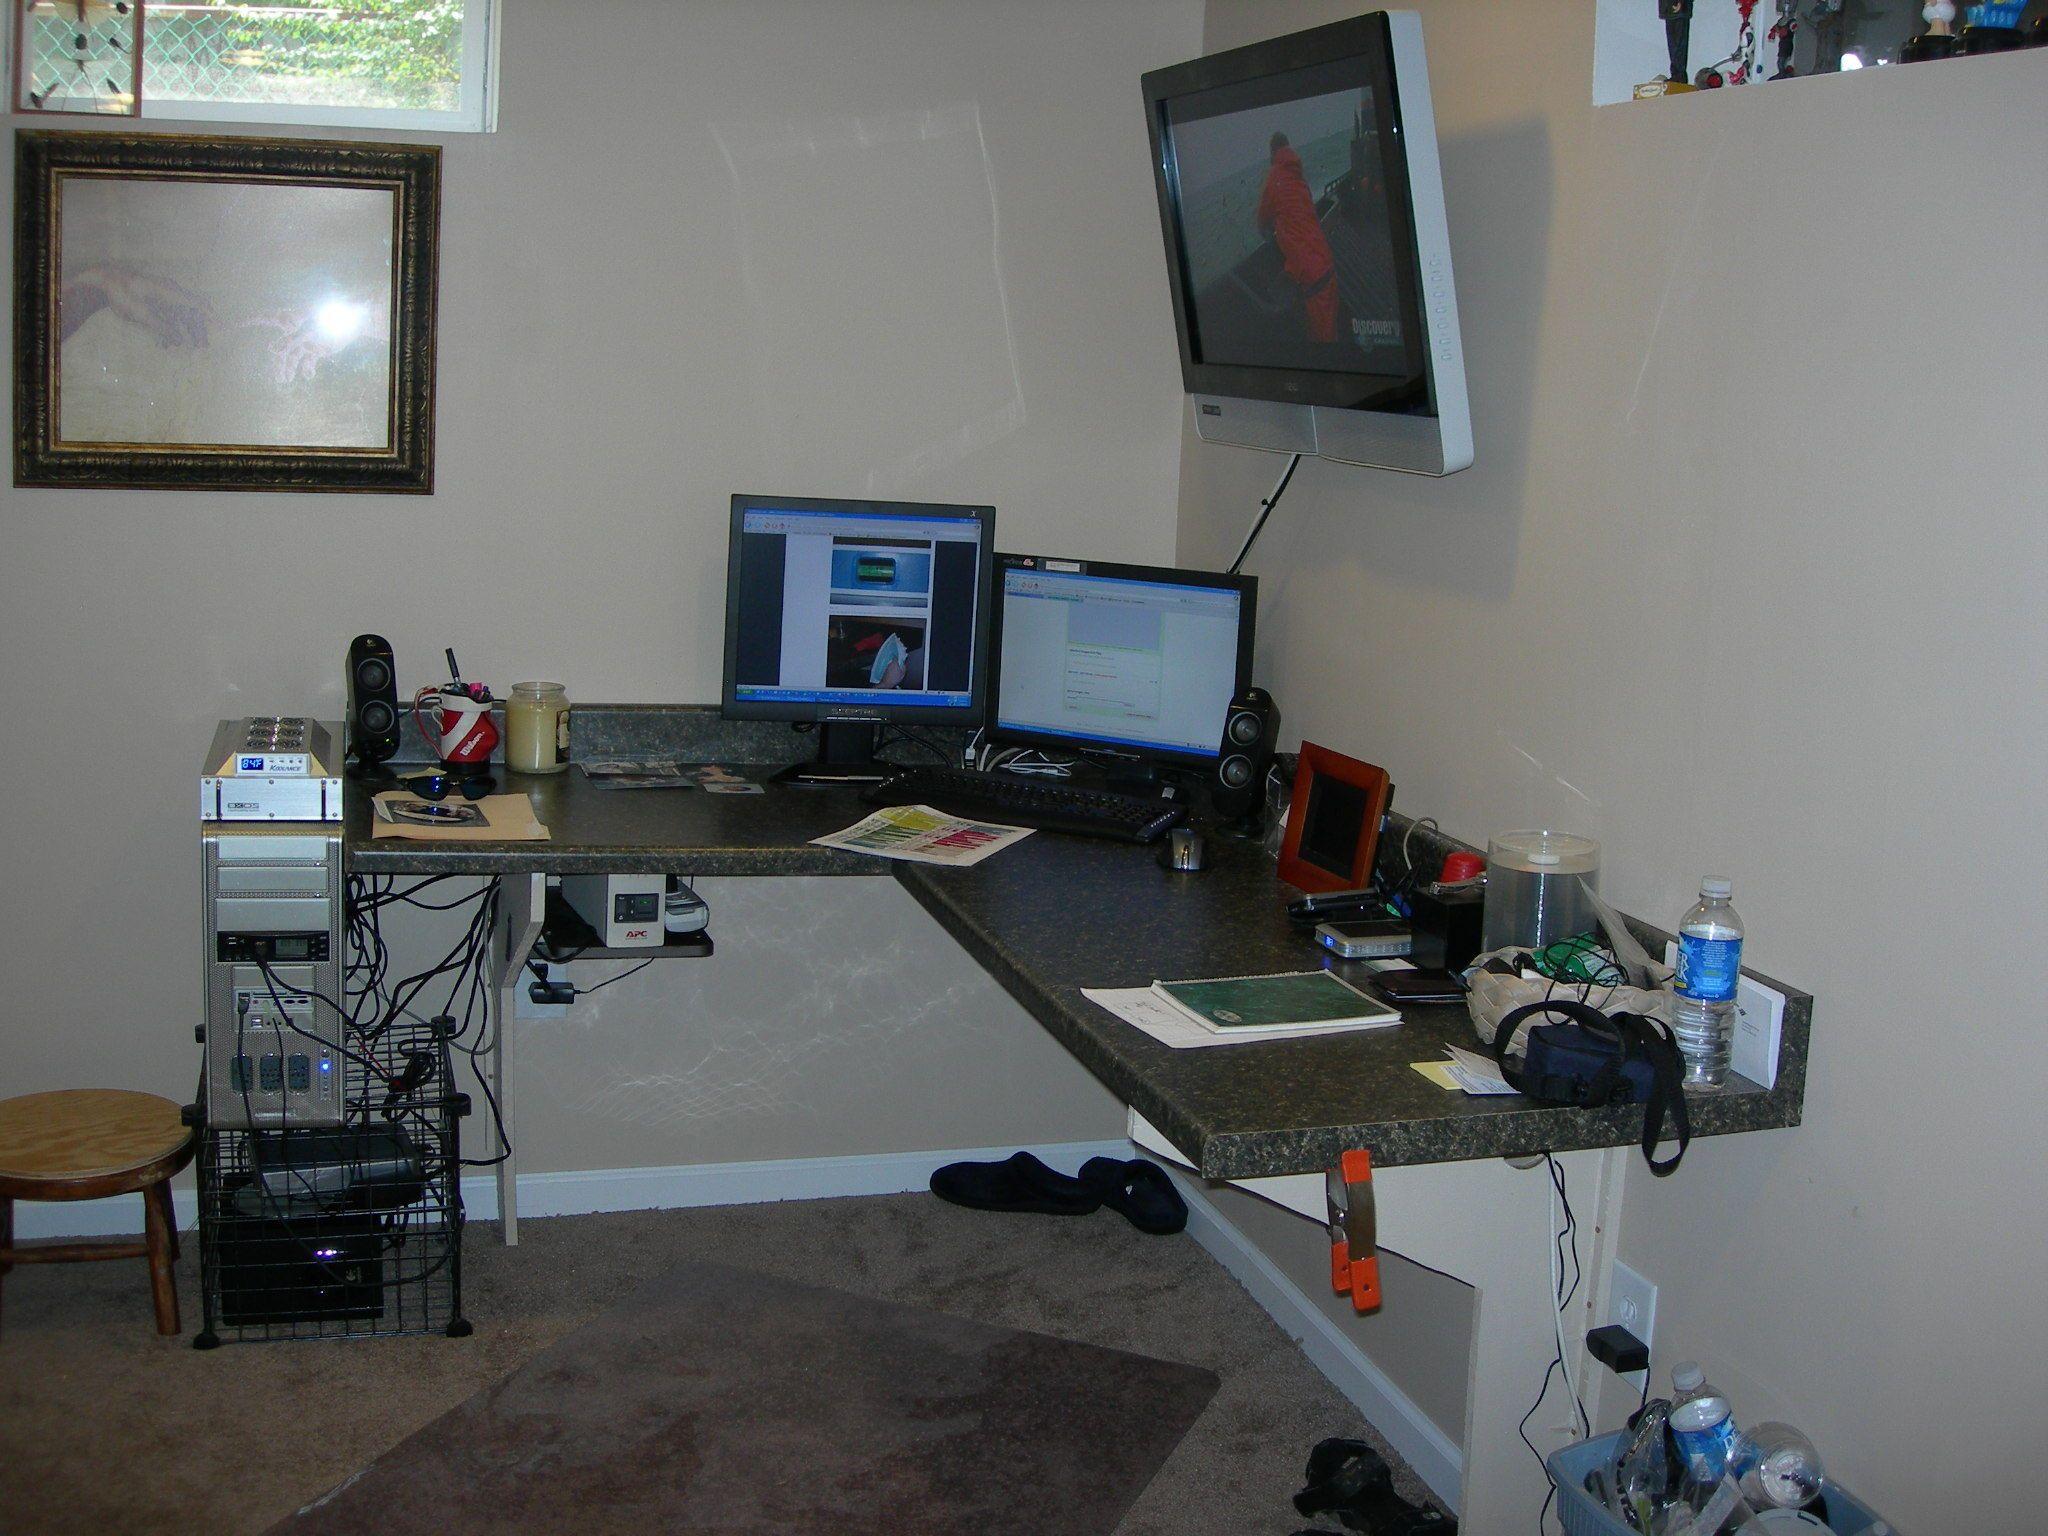 Make A Desk From A Kitchen Countertop Floating Corner Desk Modern Corner Desk Guest Room Office